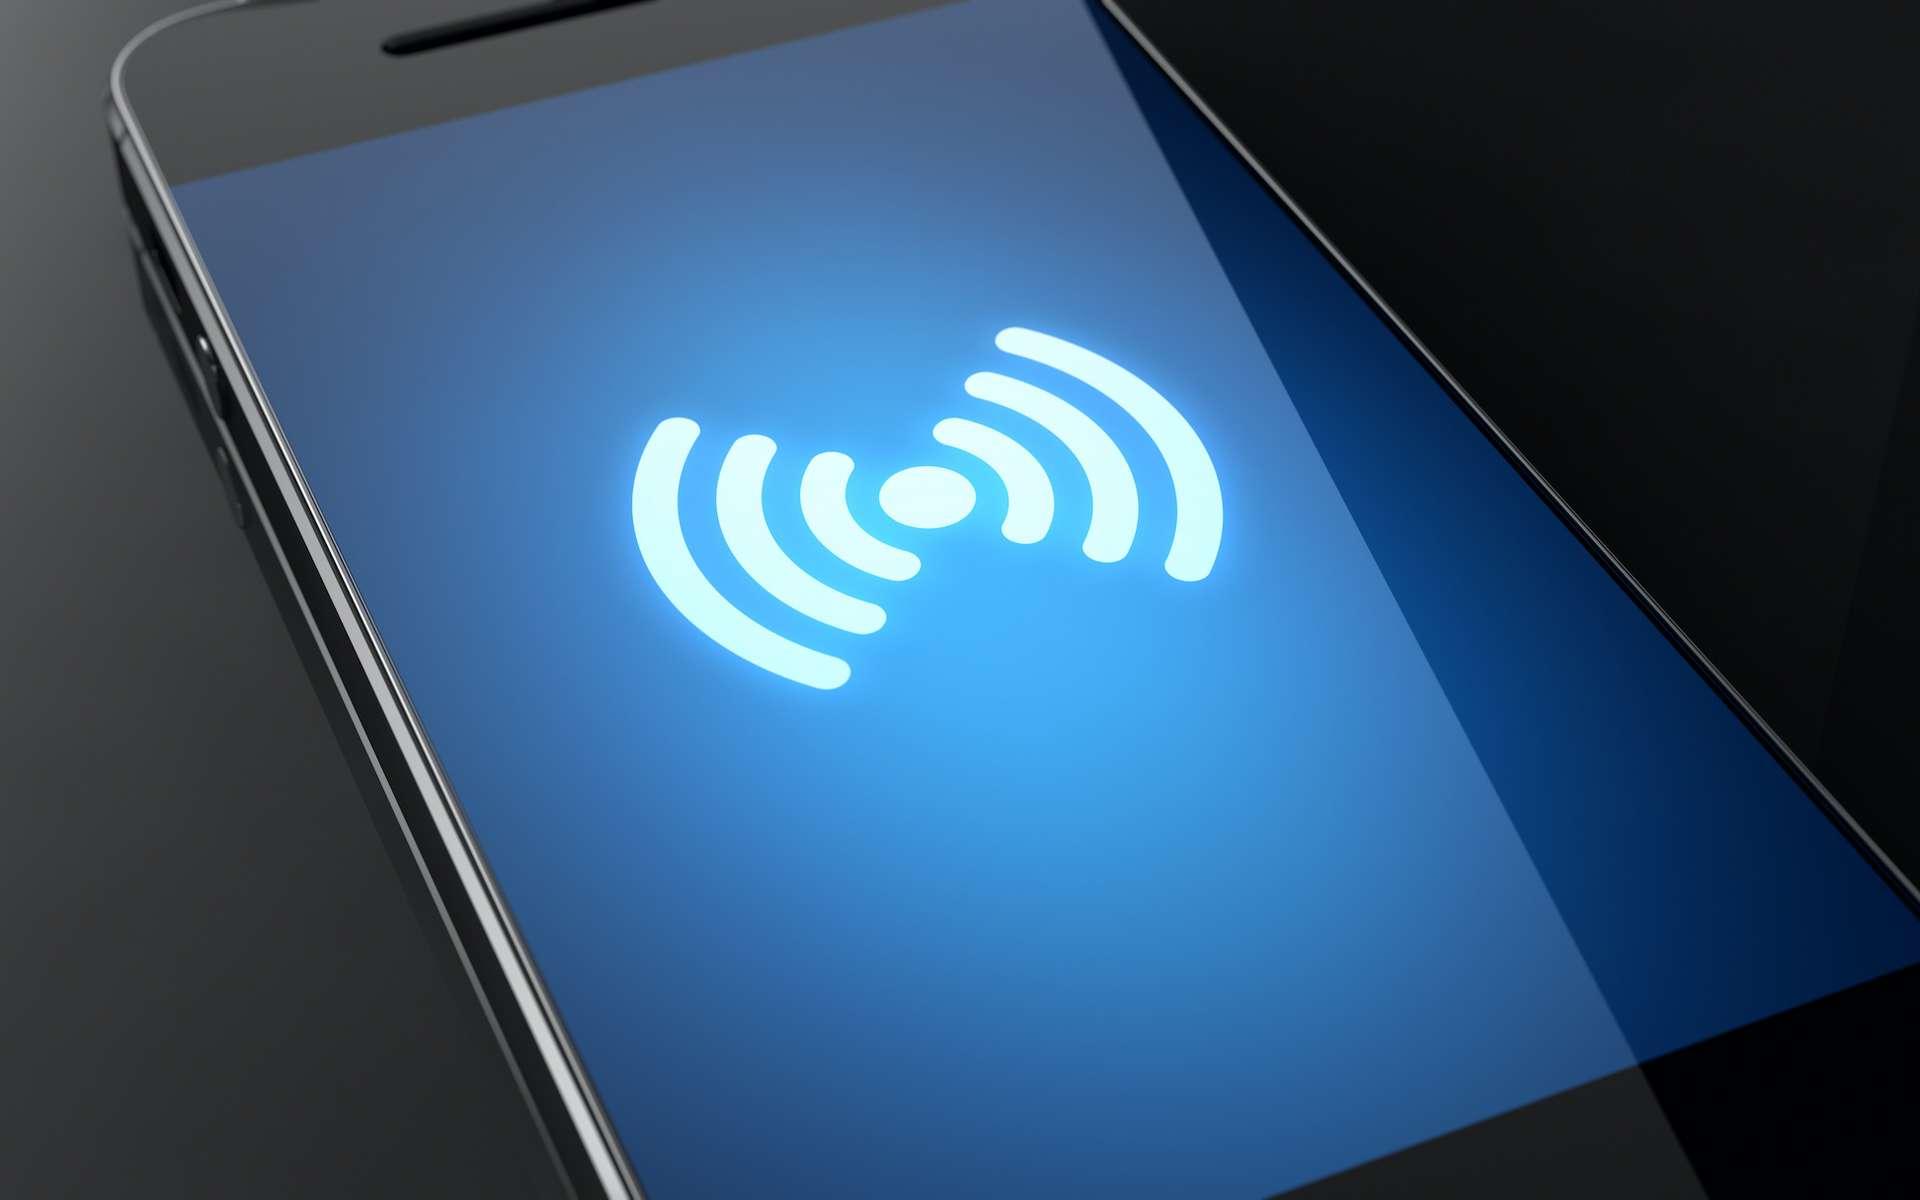 Les smartphones émettent plus ou moins d'ondes selon les modèles. © Cliparéa.com, Adobe Stock